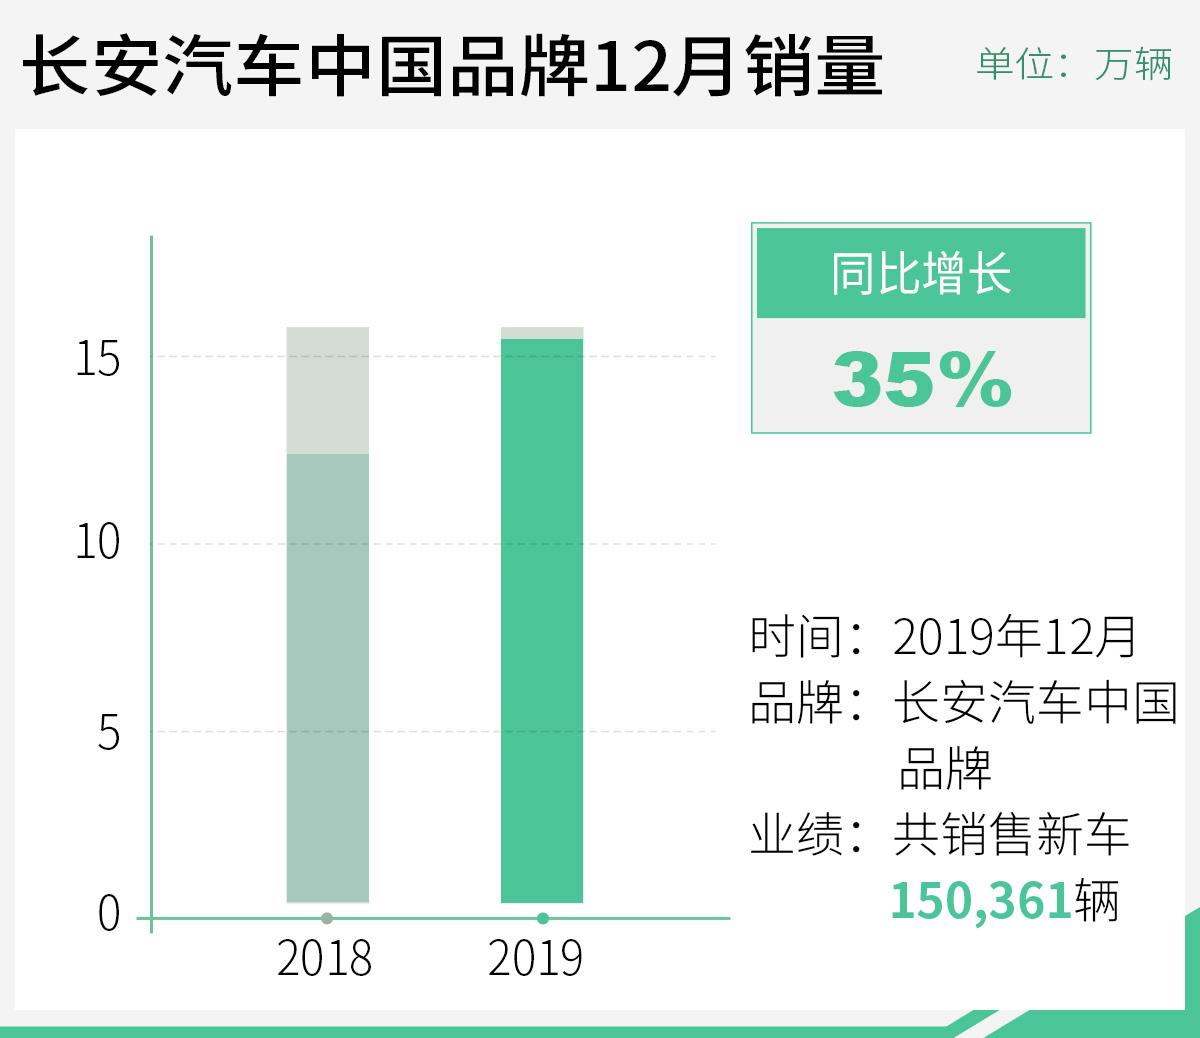 长安中国品牌2019年12月销量超15万 同比增35%